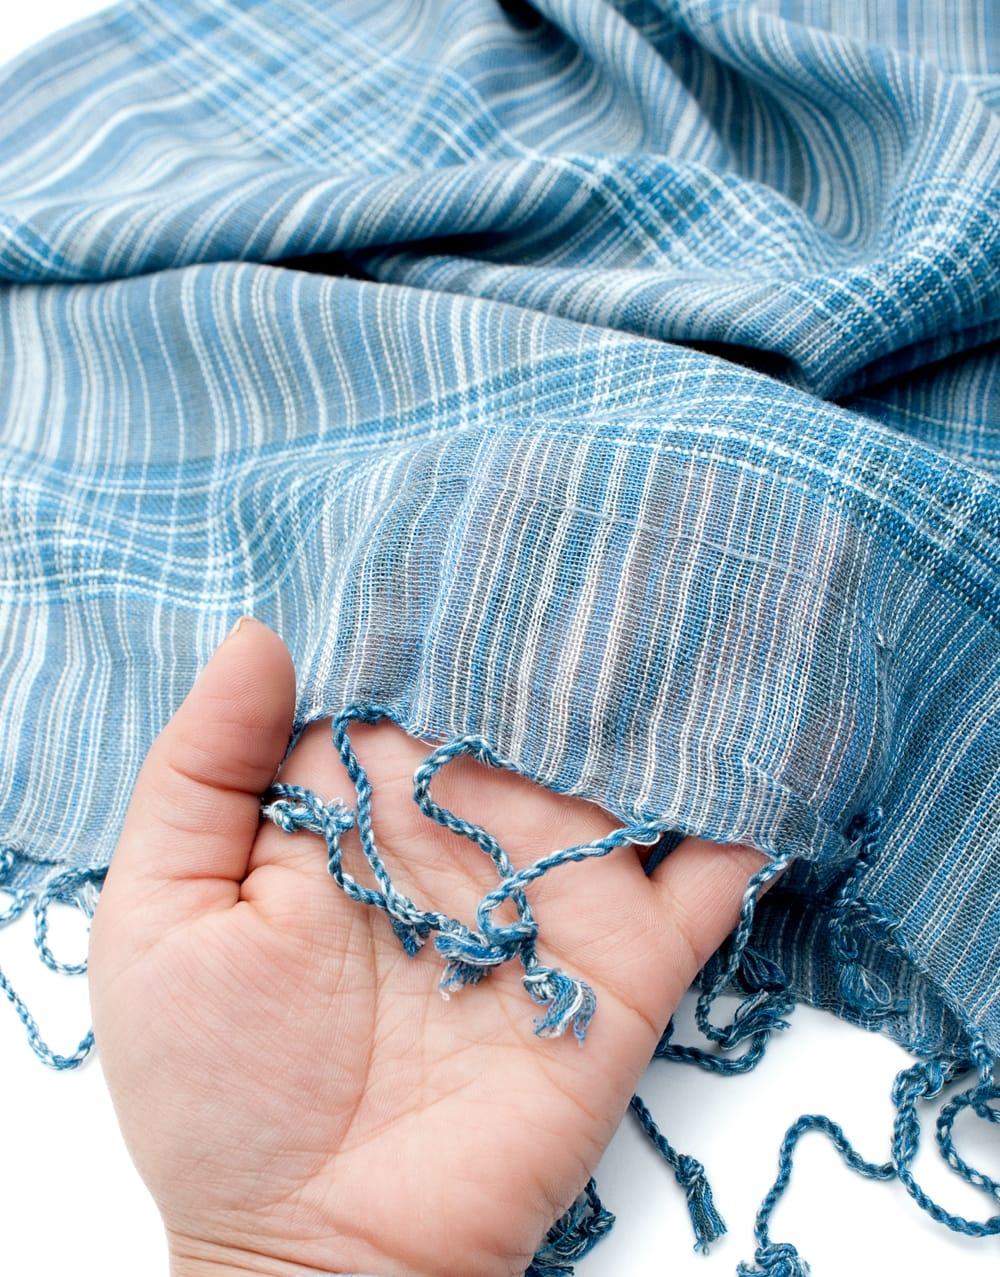 カラフルストライプスカーフ- - 水色系 7 - このような質感になります